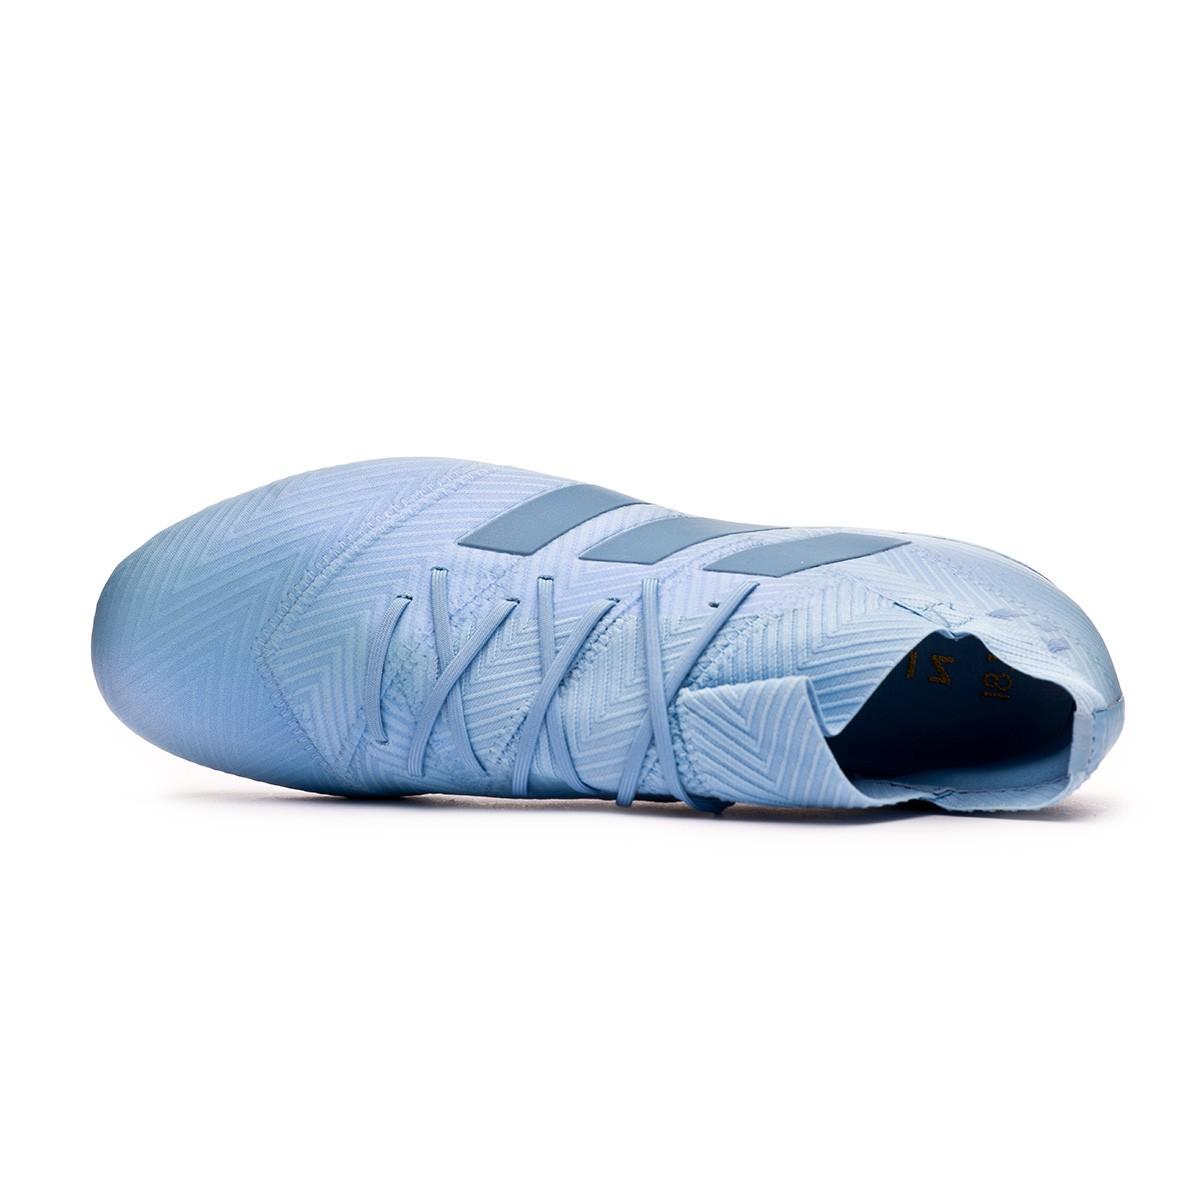 NEMEZIZ MESSI 18.1 FG Scarpe da calcetto con tacchetti ash blueraw grey